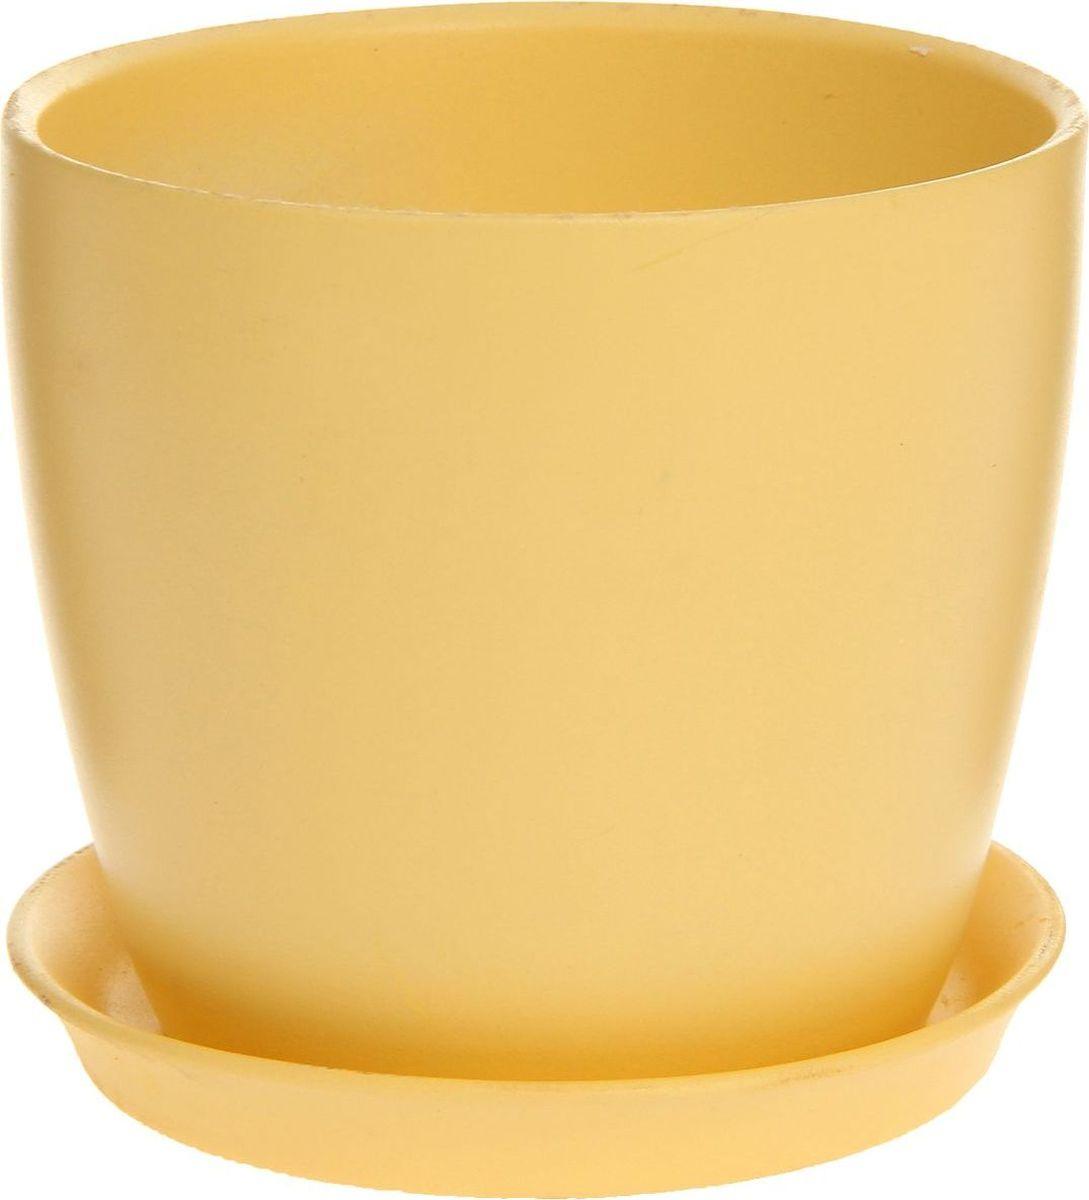 Кашпо Керамика ручной работы Осень. Глянец, цвет: желтый, 2 л1170304Комнатные растения — всеобщие любимцы. Они радуют глаз, насыщают помещение кислородом и украшают пространство. Каждому из них необходим свой удобный и красивый дом. Кашпо из керамики прекрасно подходят для высадки растений: за счет пластичности глины и разных способов обработки существует великое множество форм и дизайнов пористый материал позволяет испаряться лишней влаге воздух, необходимый для дыхания корней, проникает сквозь керамические стенки! позаботится о зеленом питомце, освежит интерьер и подчеркнет его стиль.